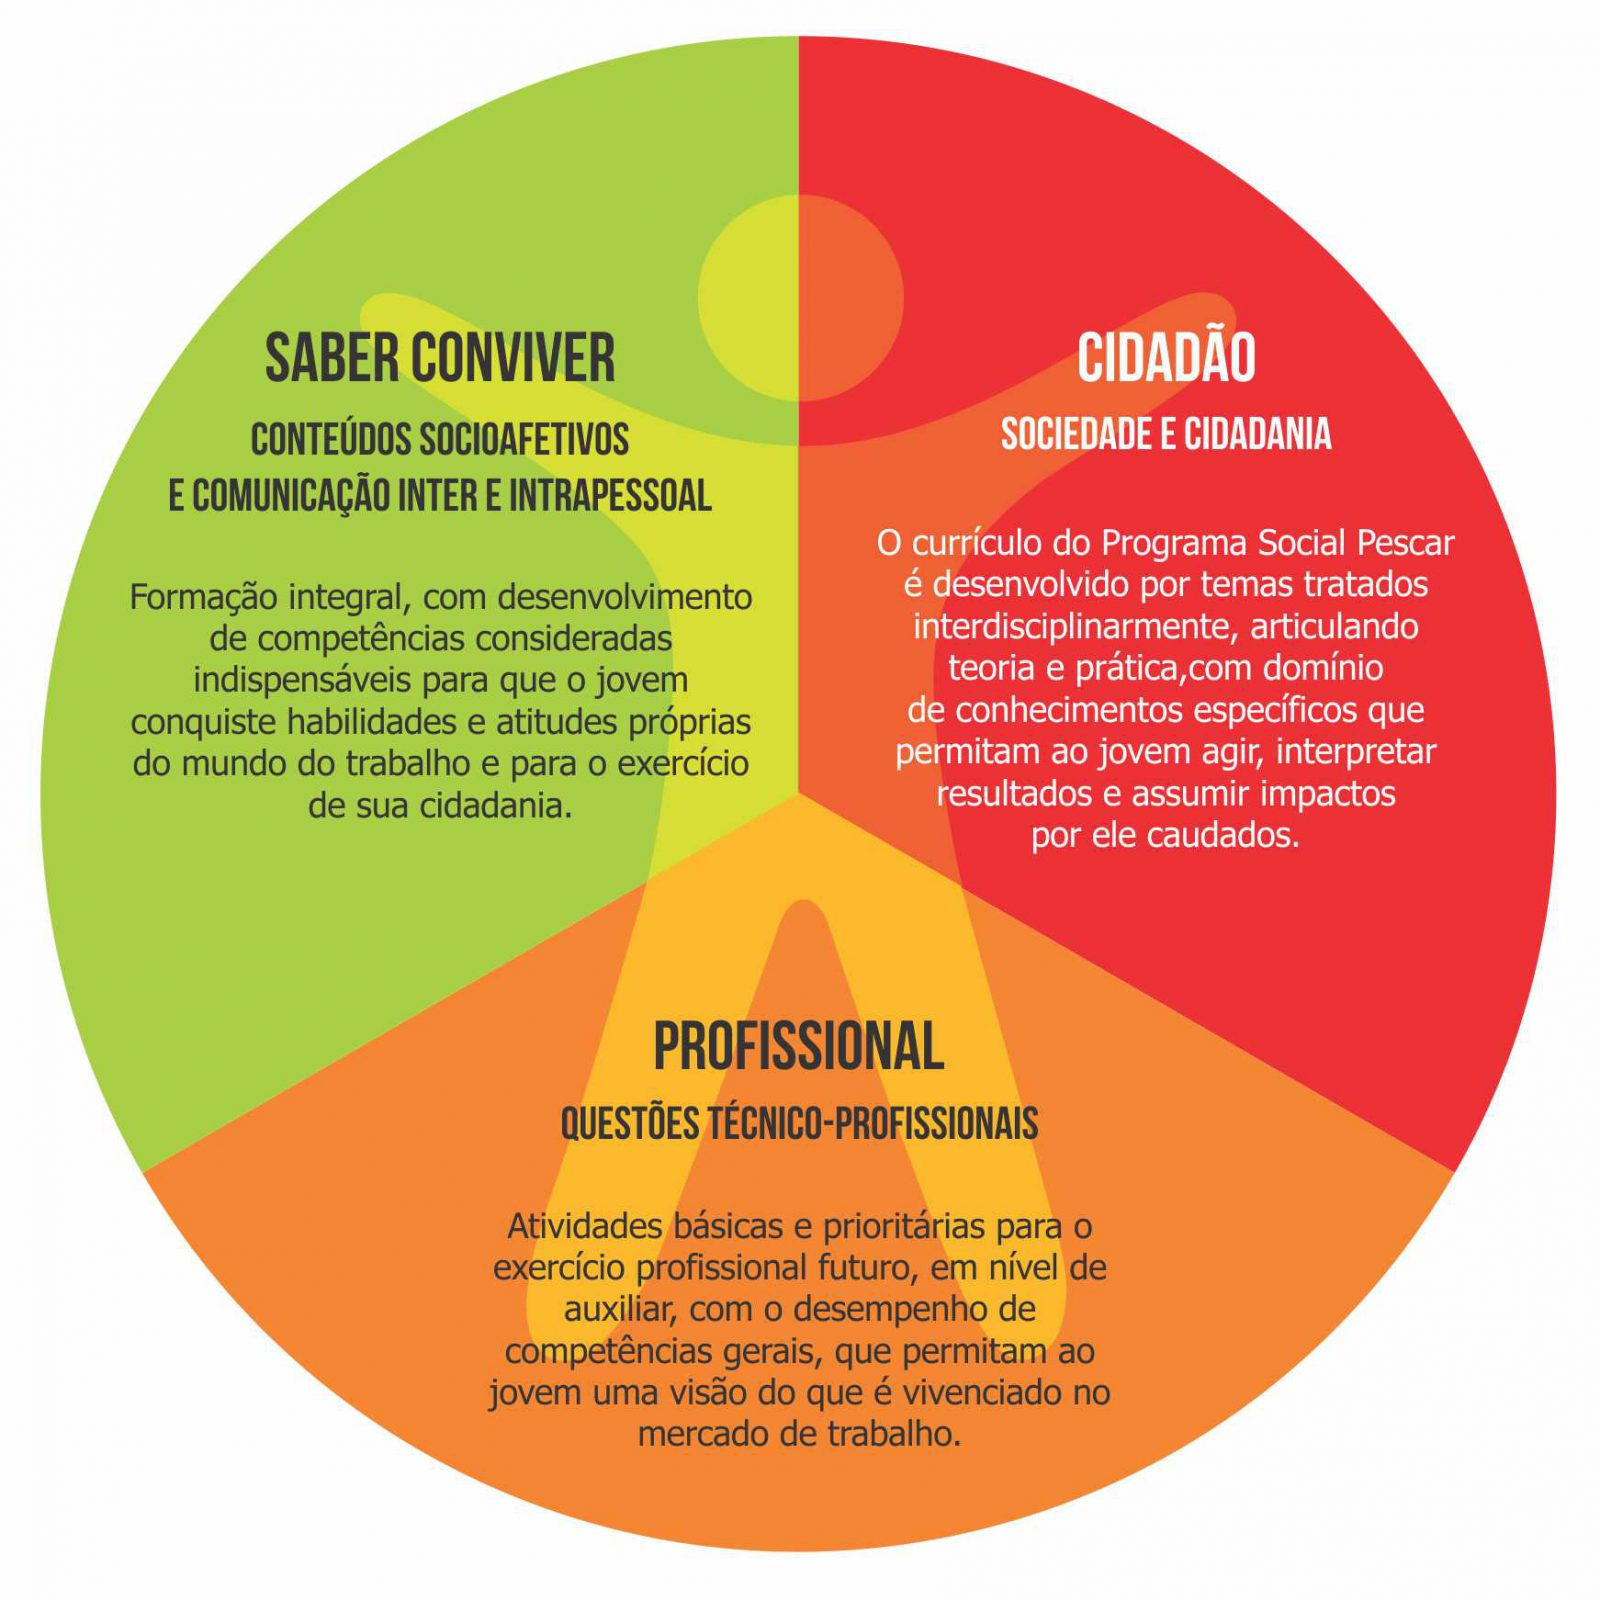 SABER CONVIVER_CIDADÃO_PROFISSIONAL